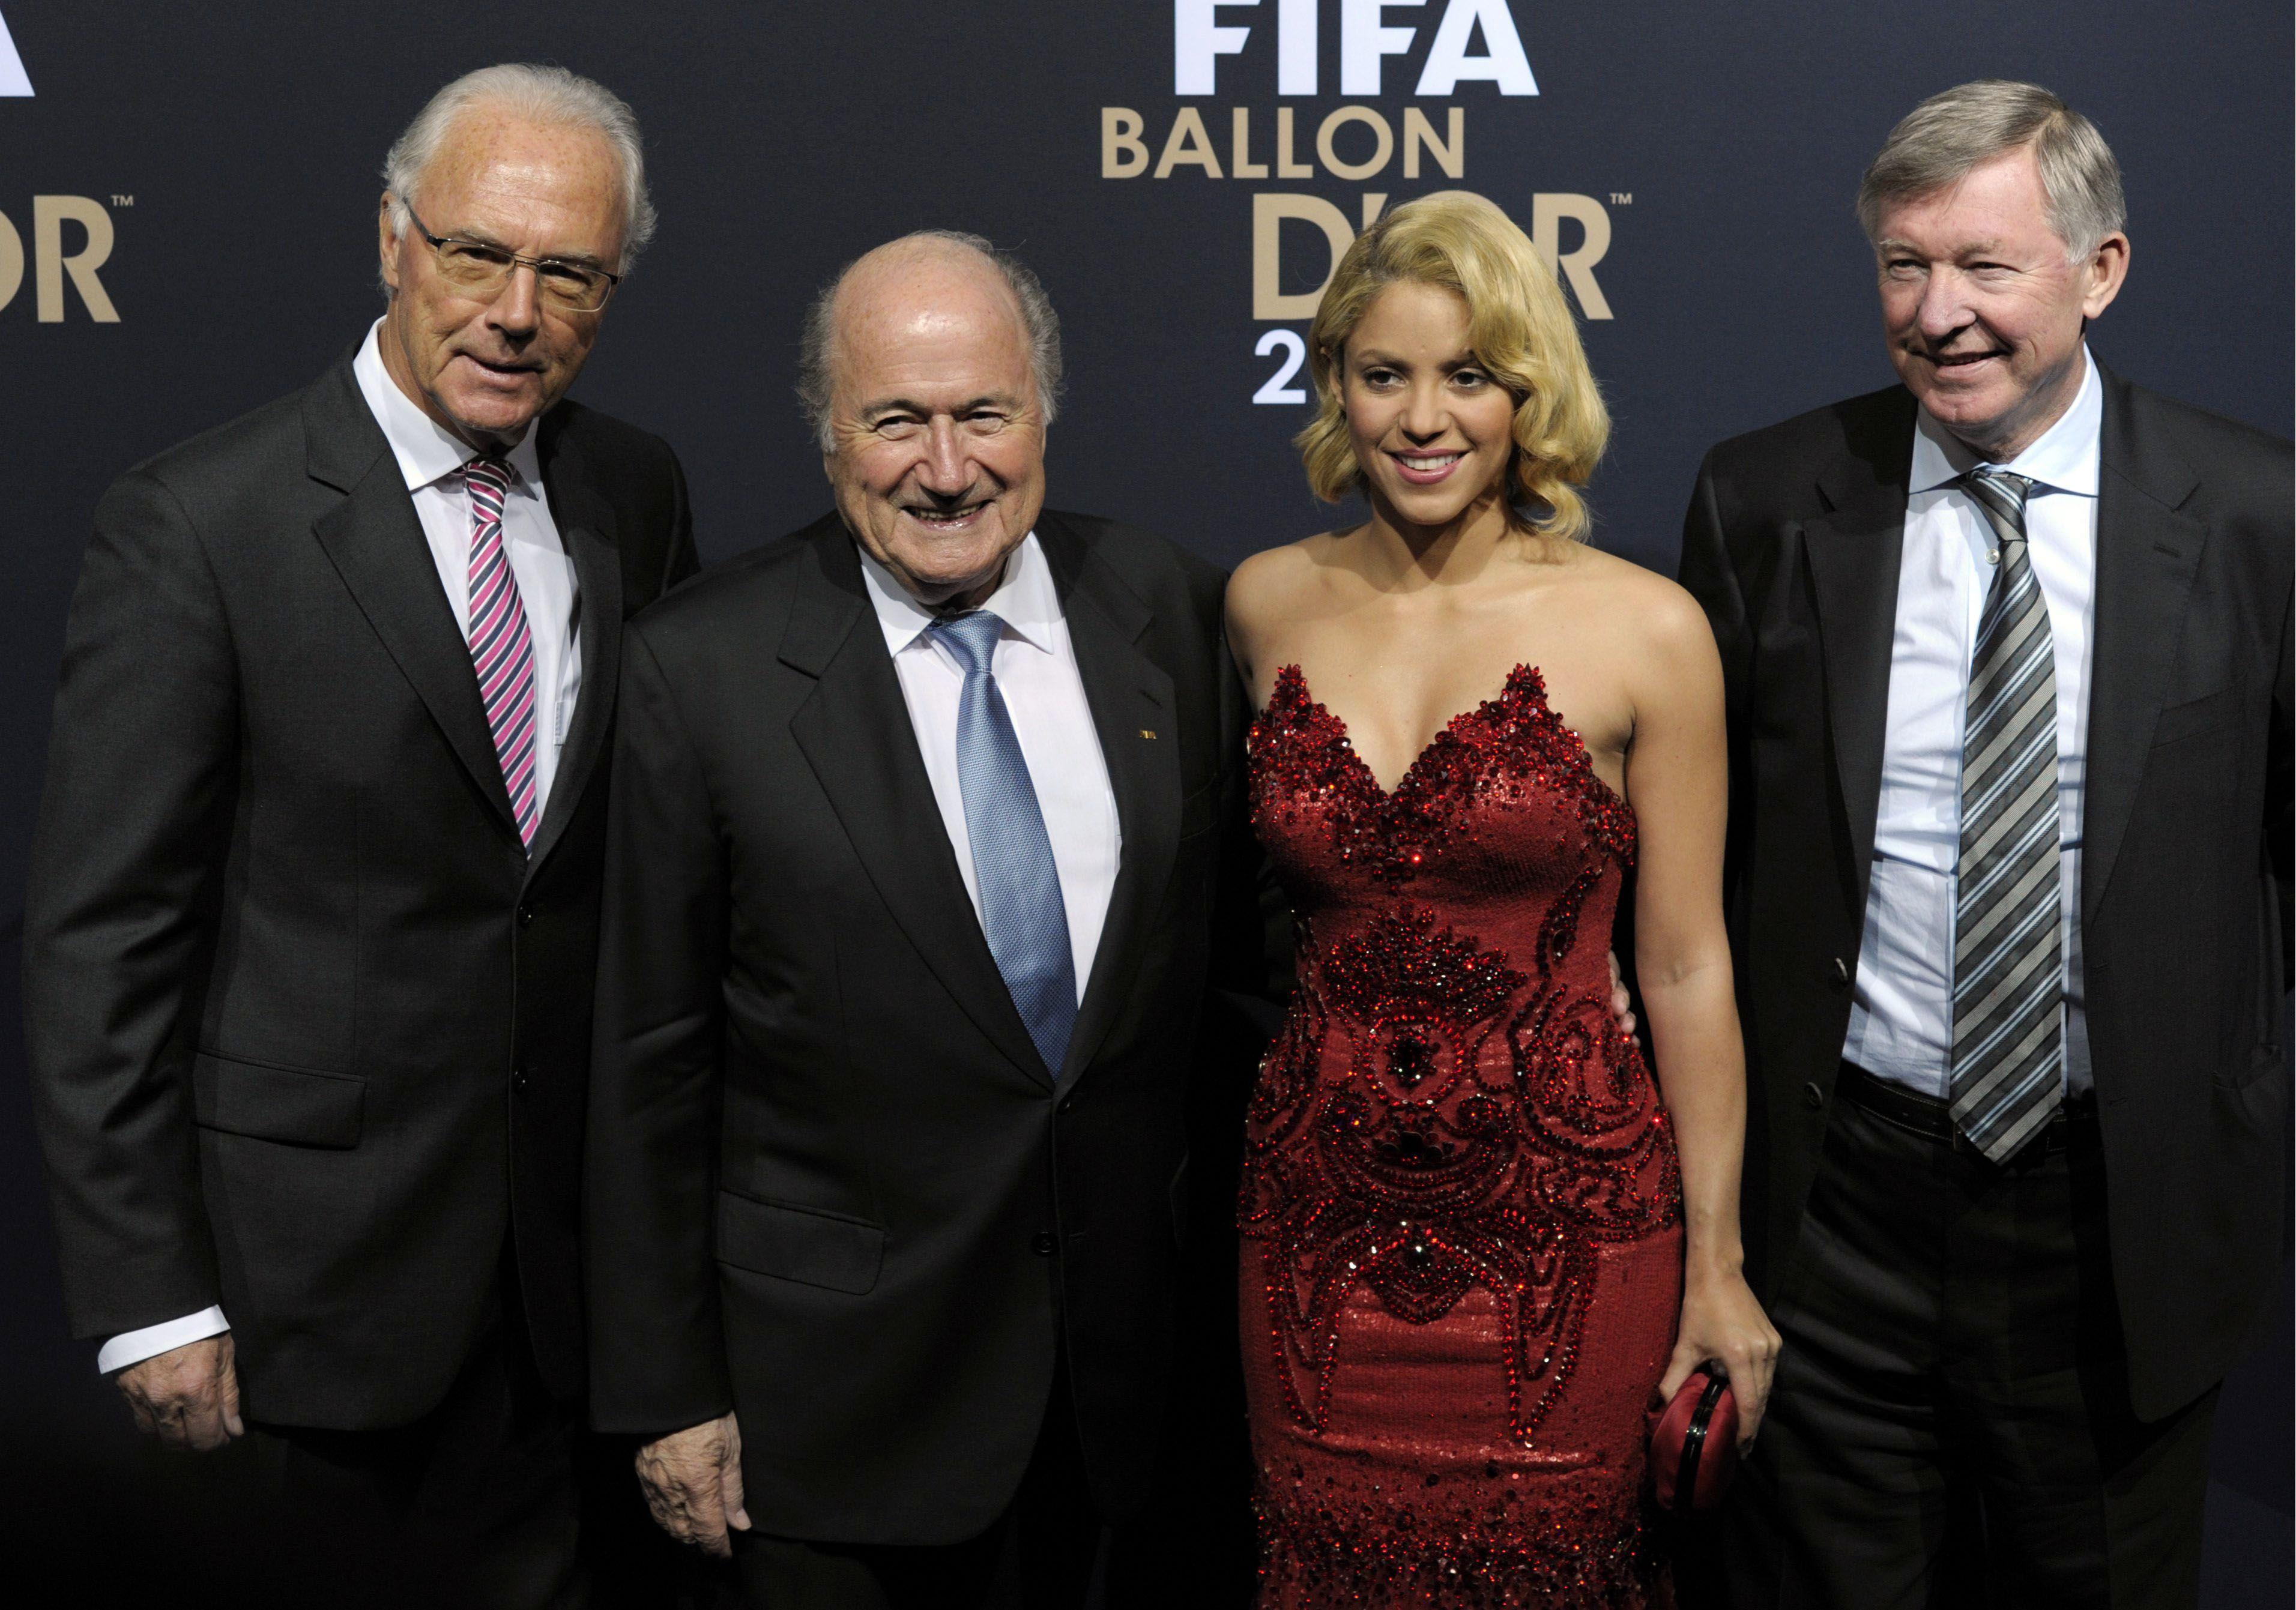 Qué delantera. Beckenbauer